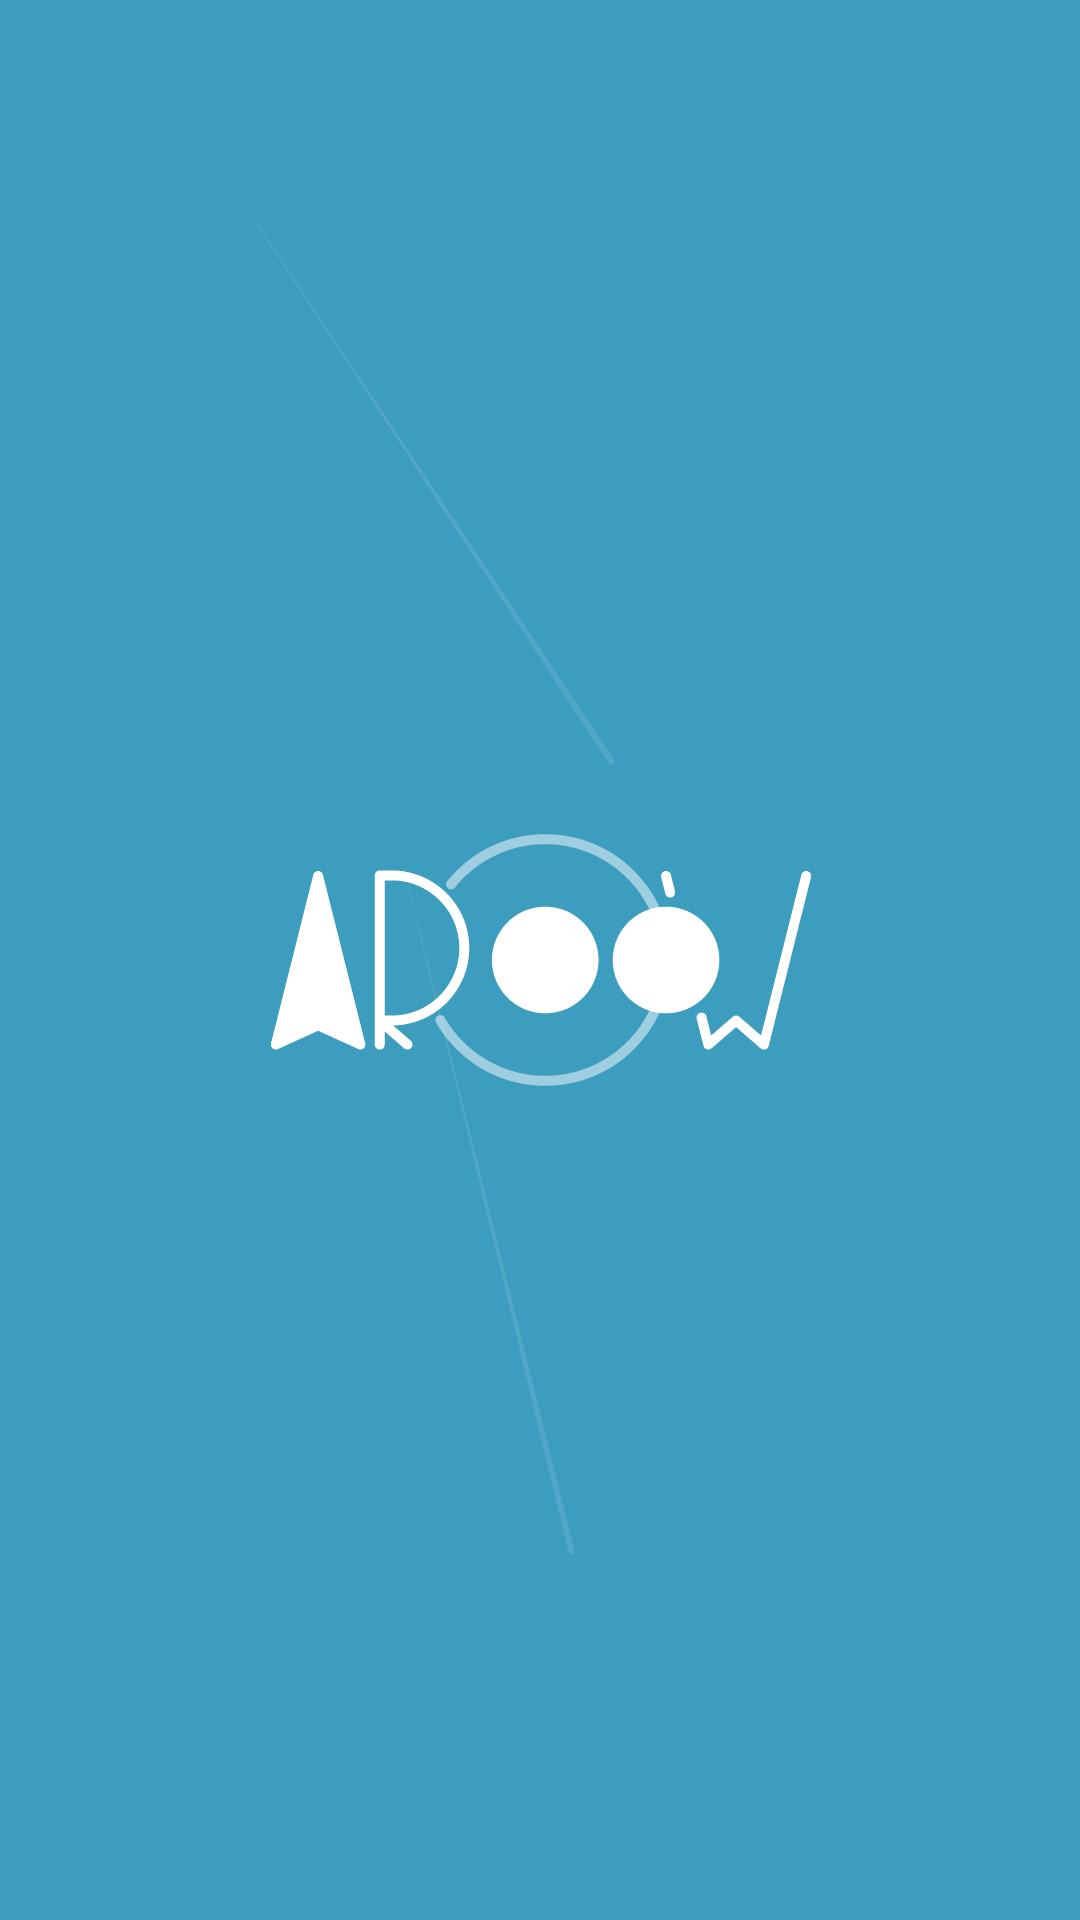 Aroow